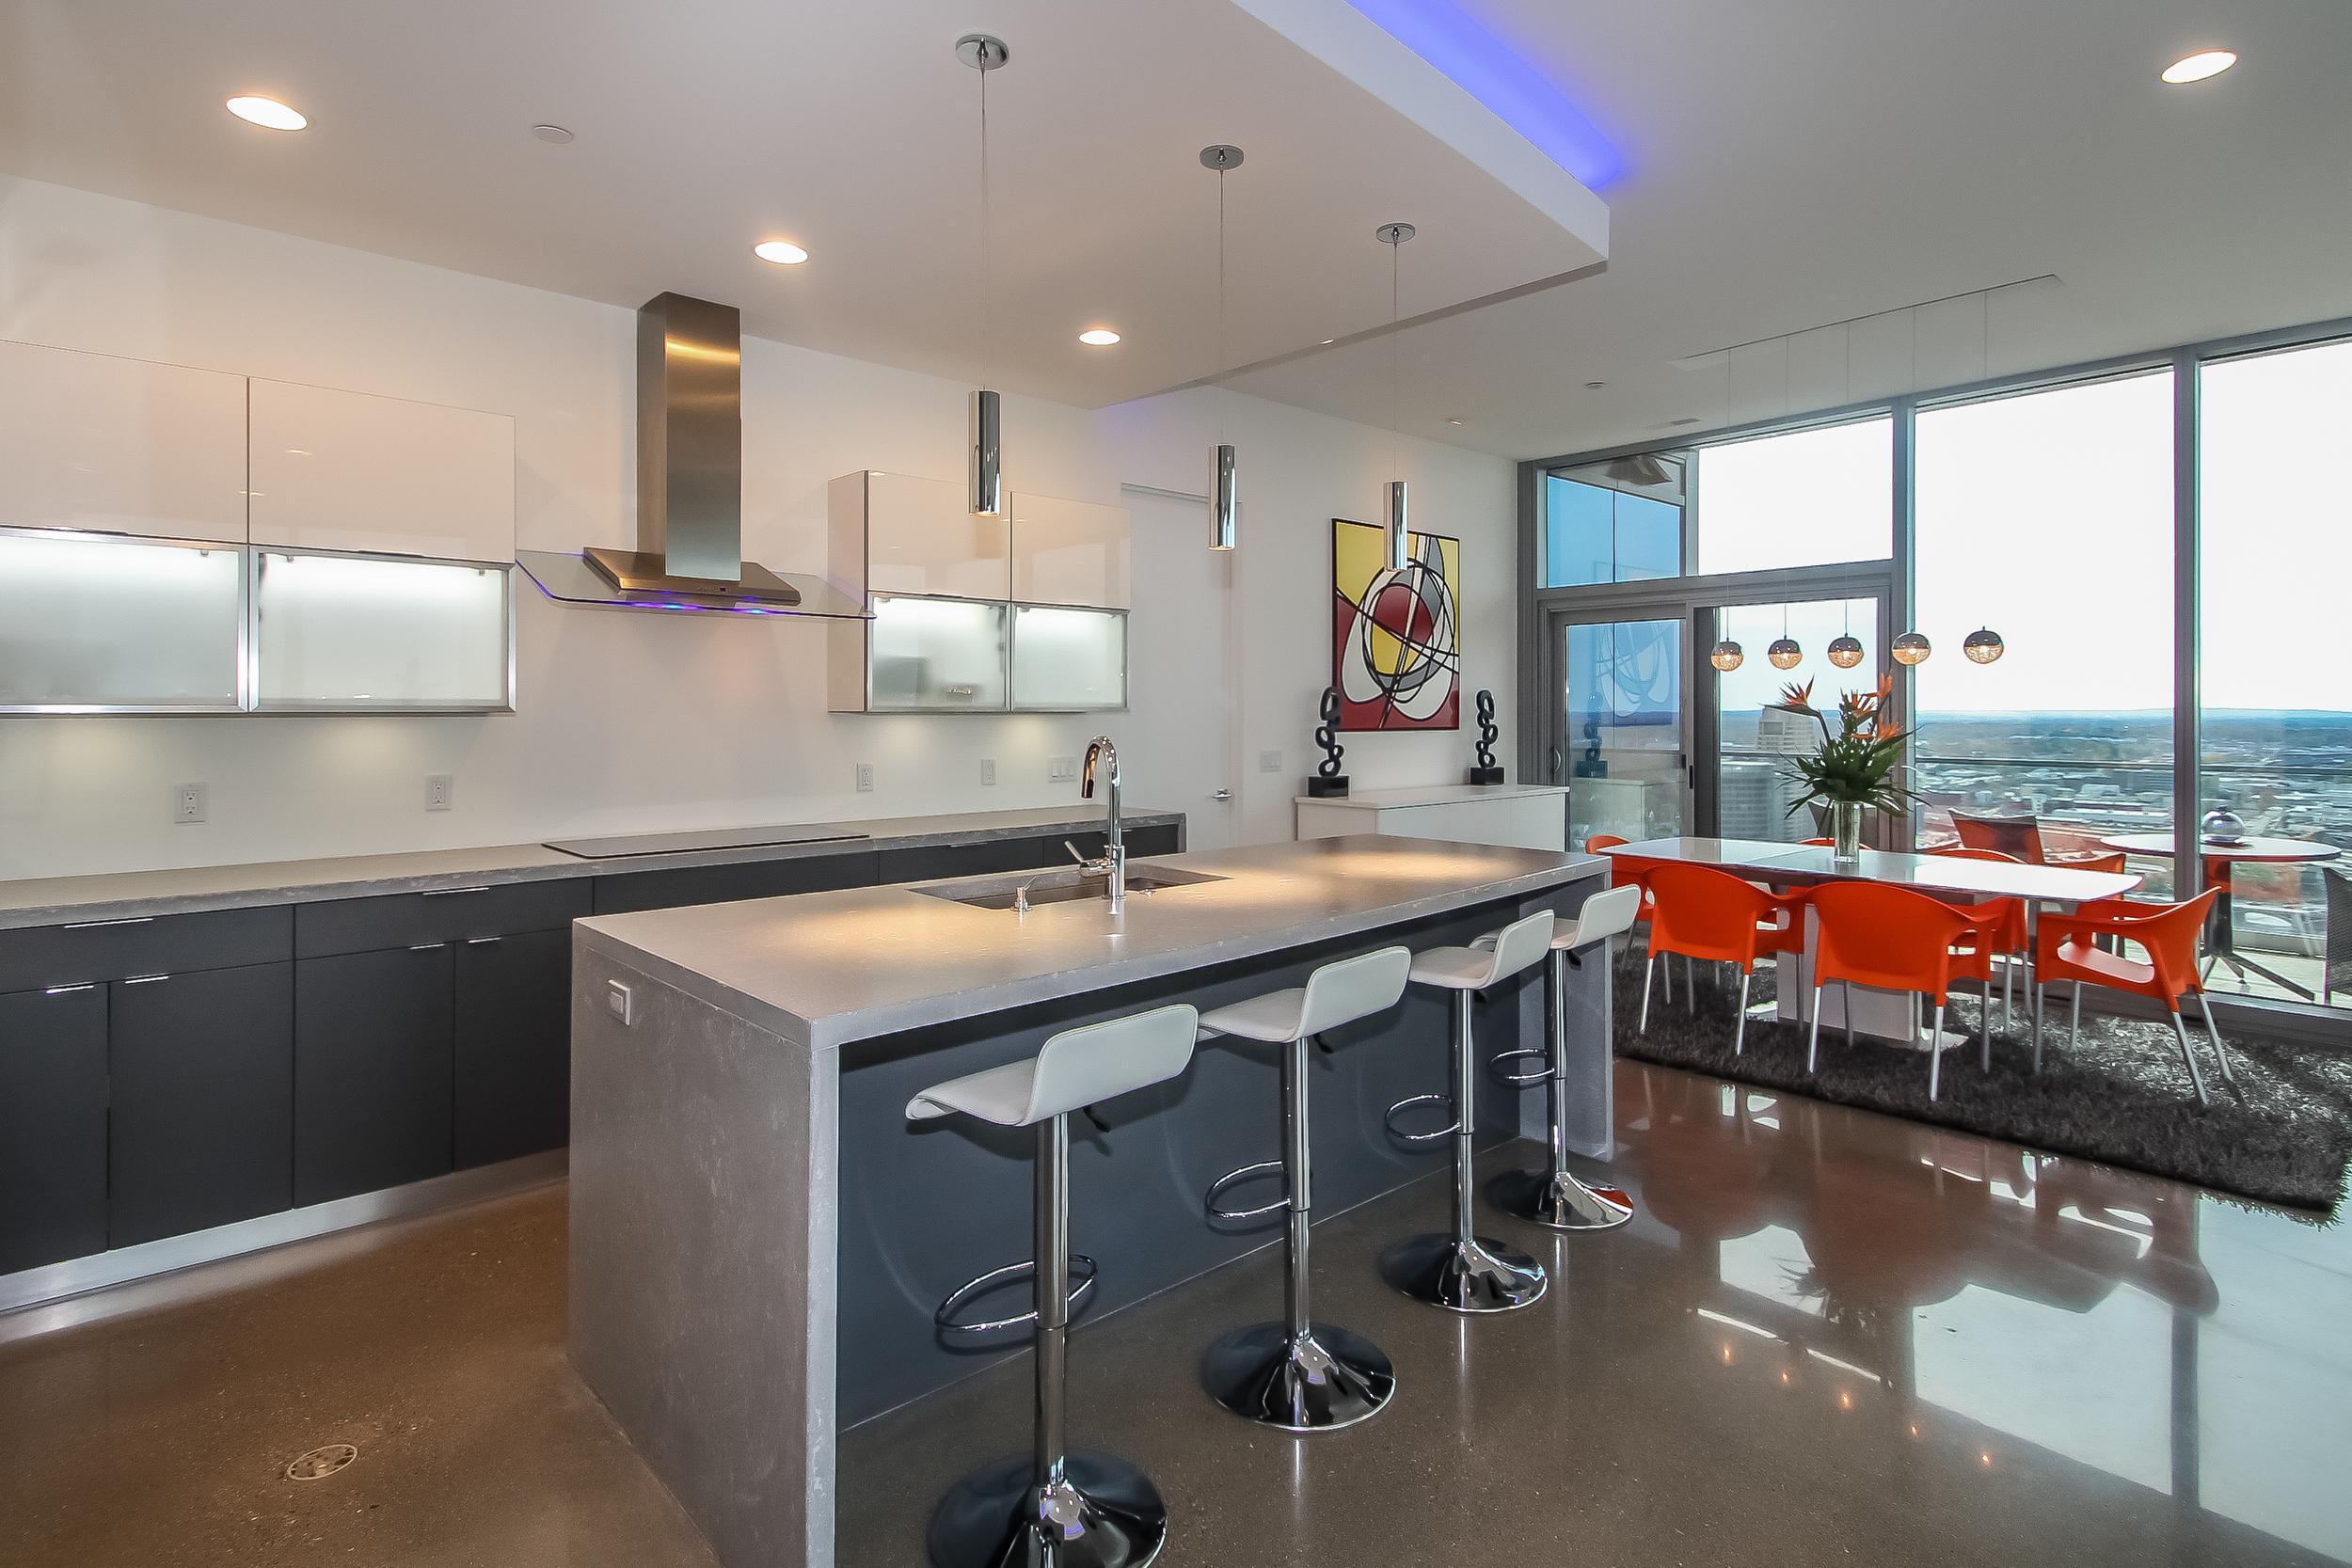 kitchen-p470360.jpg